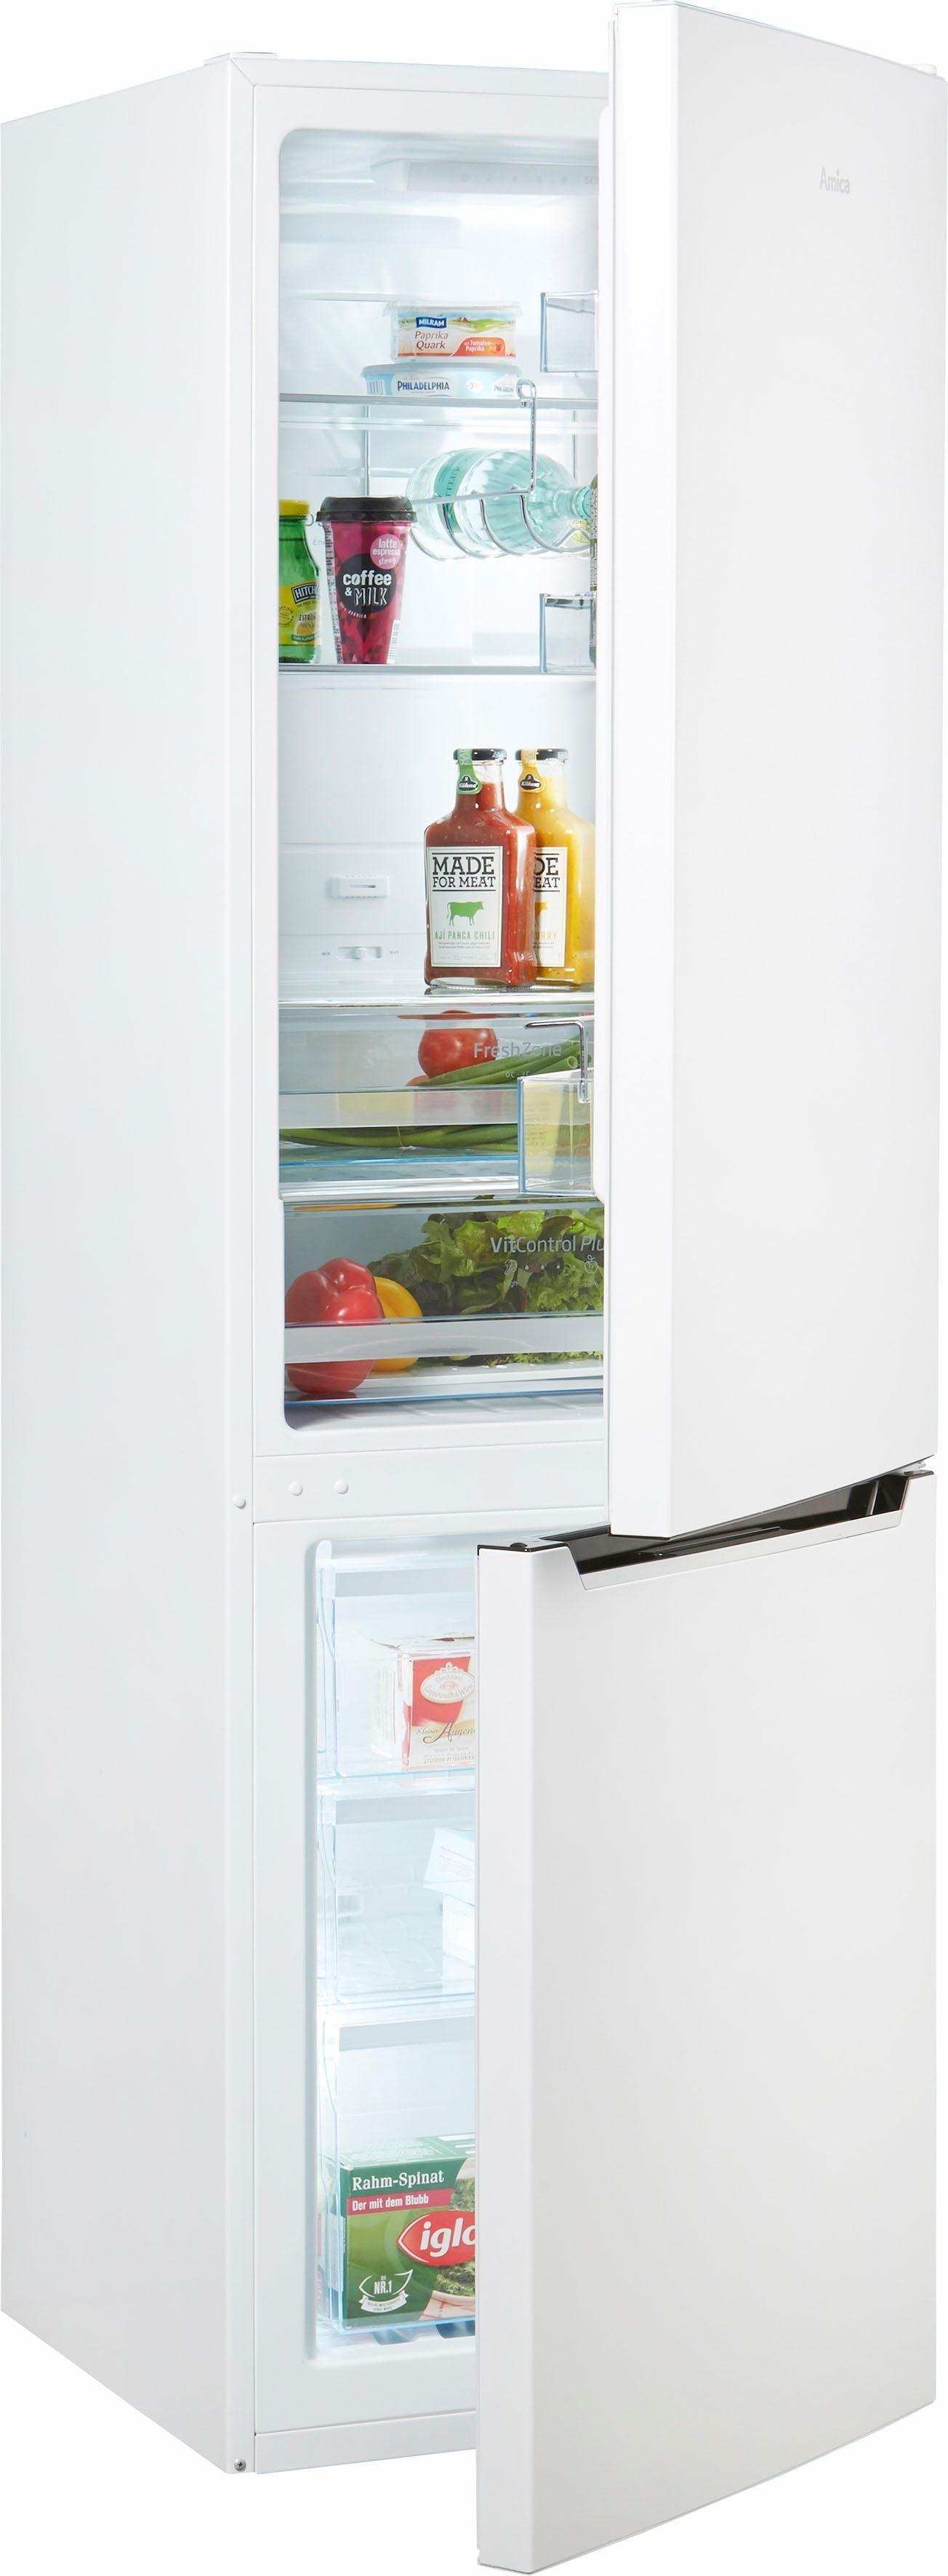 Amica koel-vriescombinatie, 180 cm hoog, 54,5 cm breed in de webshop van OTTO kopen